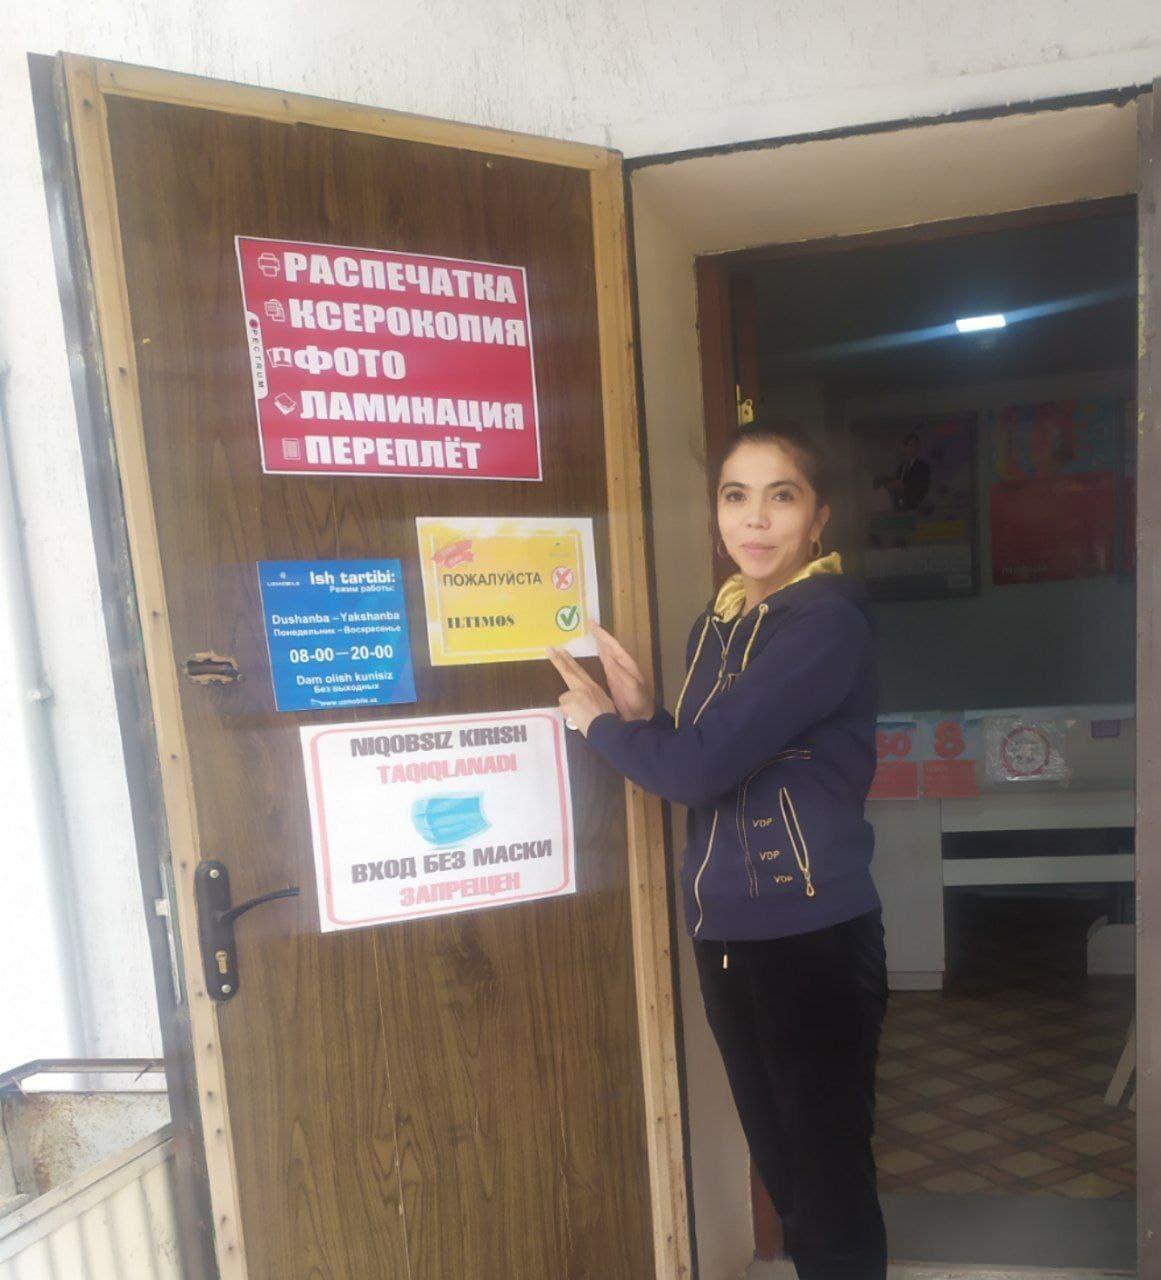 """В Узбекистане призывают отказаться от русского языка. У россиян от этого """"волосы дыбом"""""""